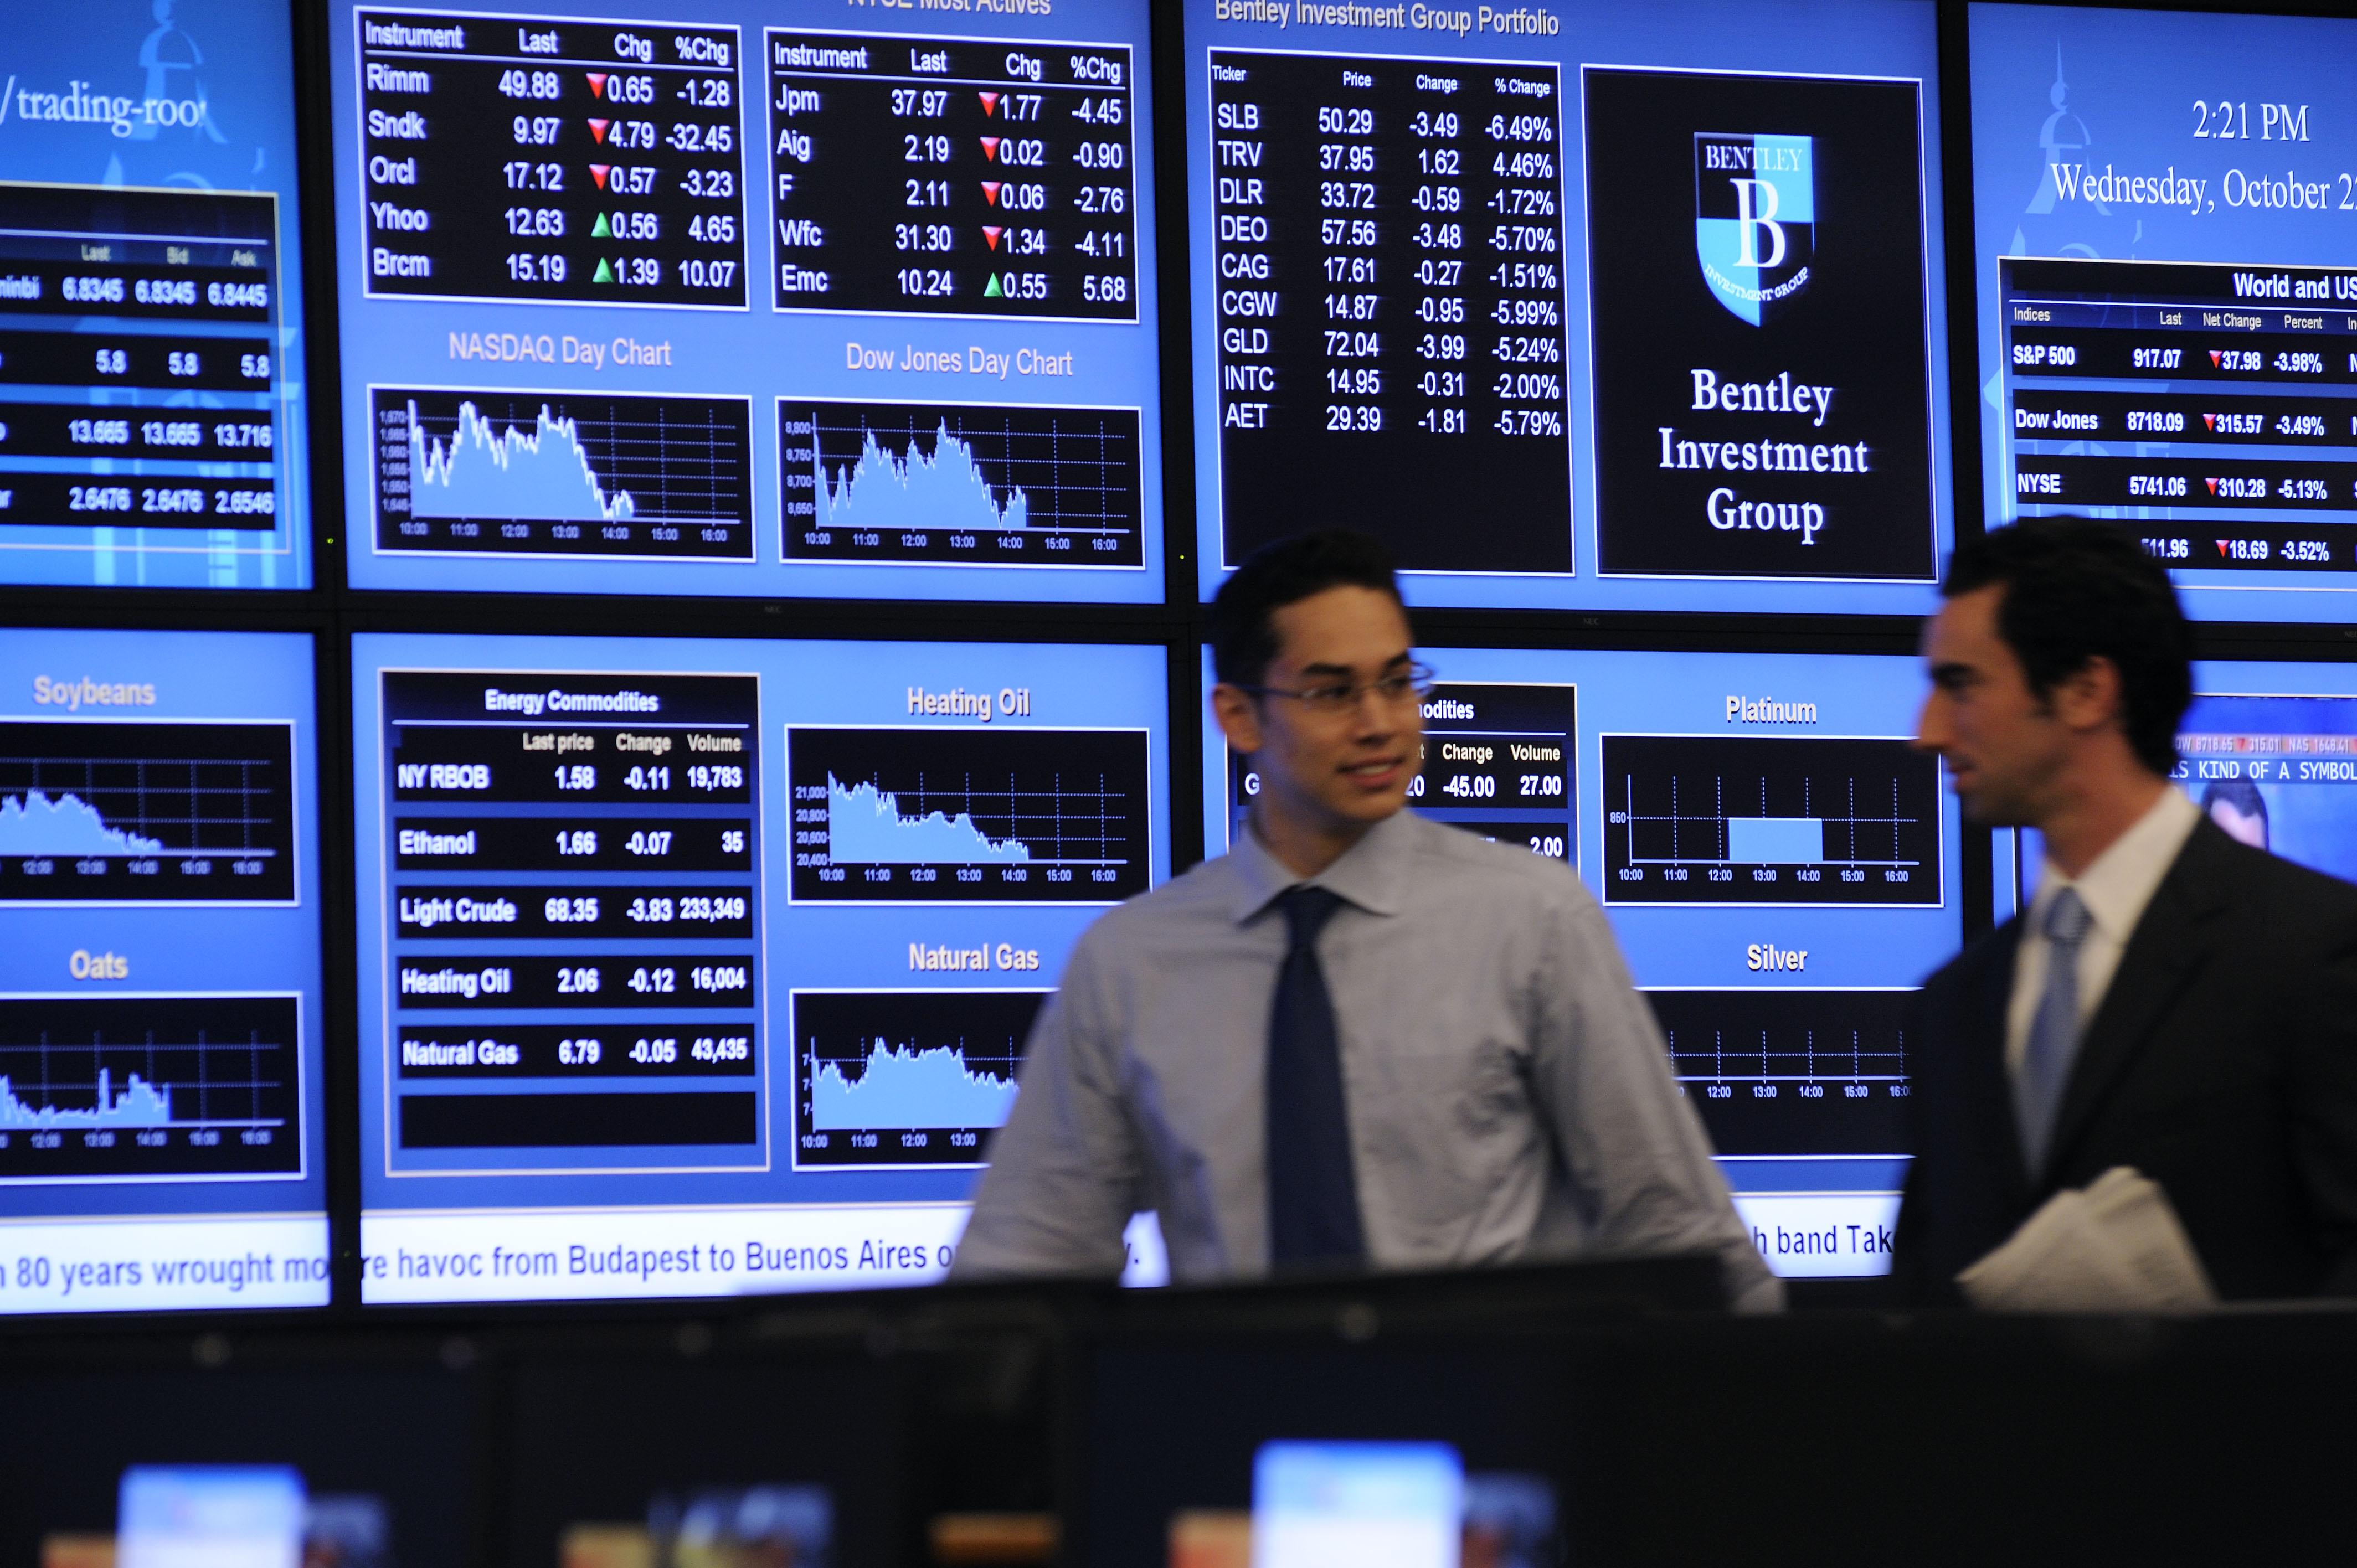 Bentley Trading Room, Bentley University